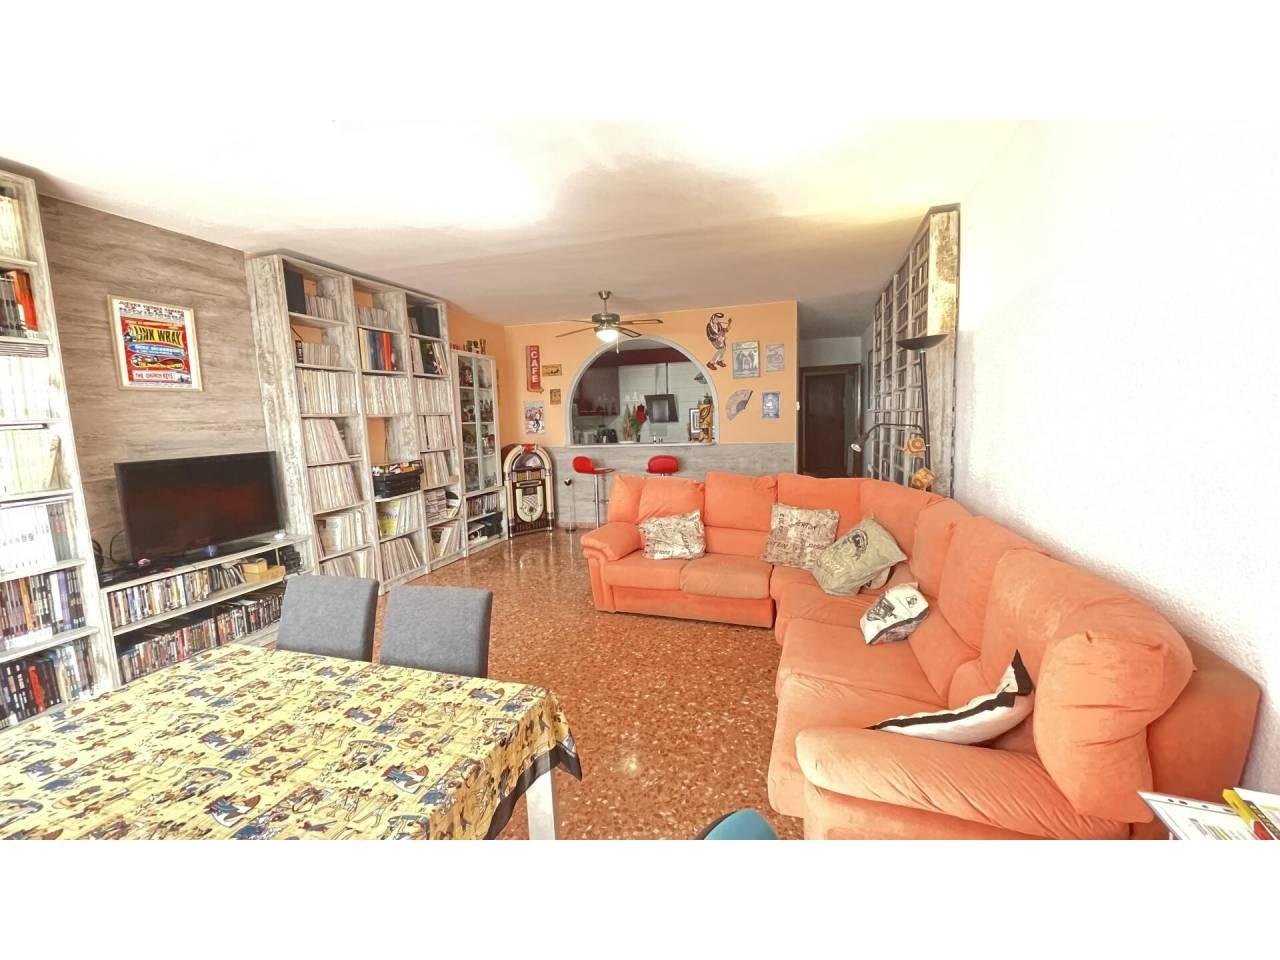 Casa unifamiliar en venda a Ca n'Anglada